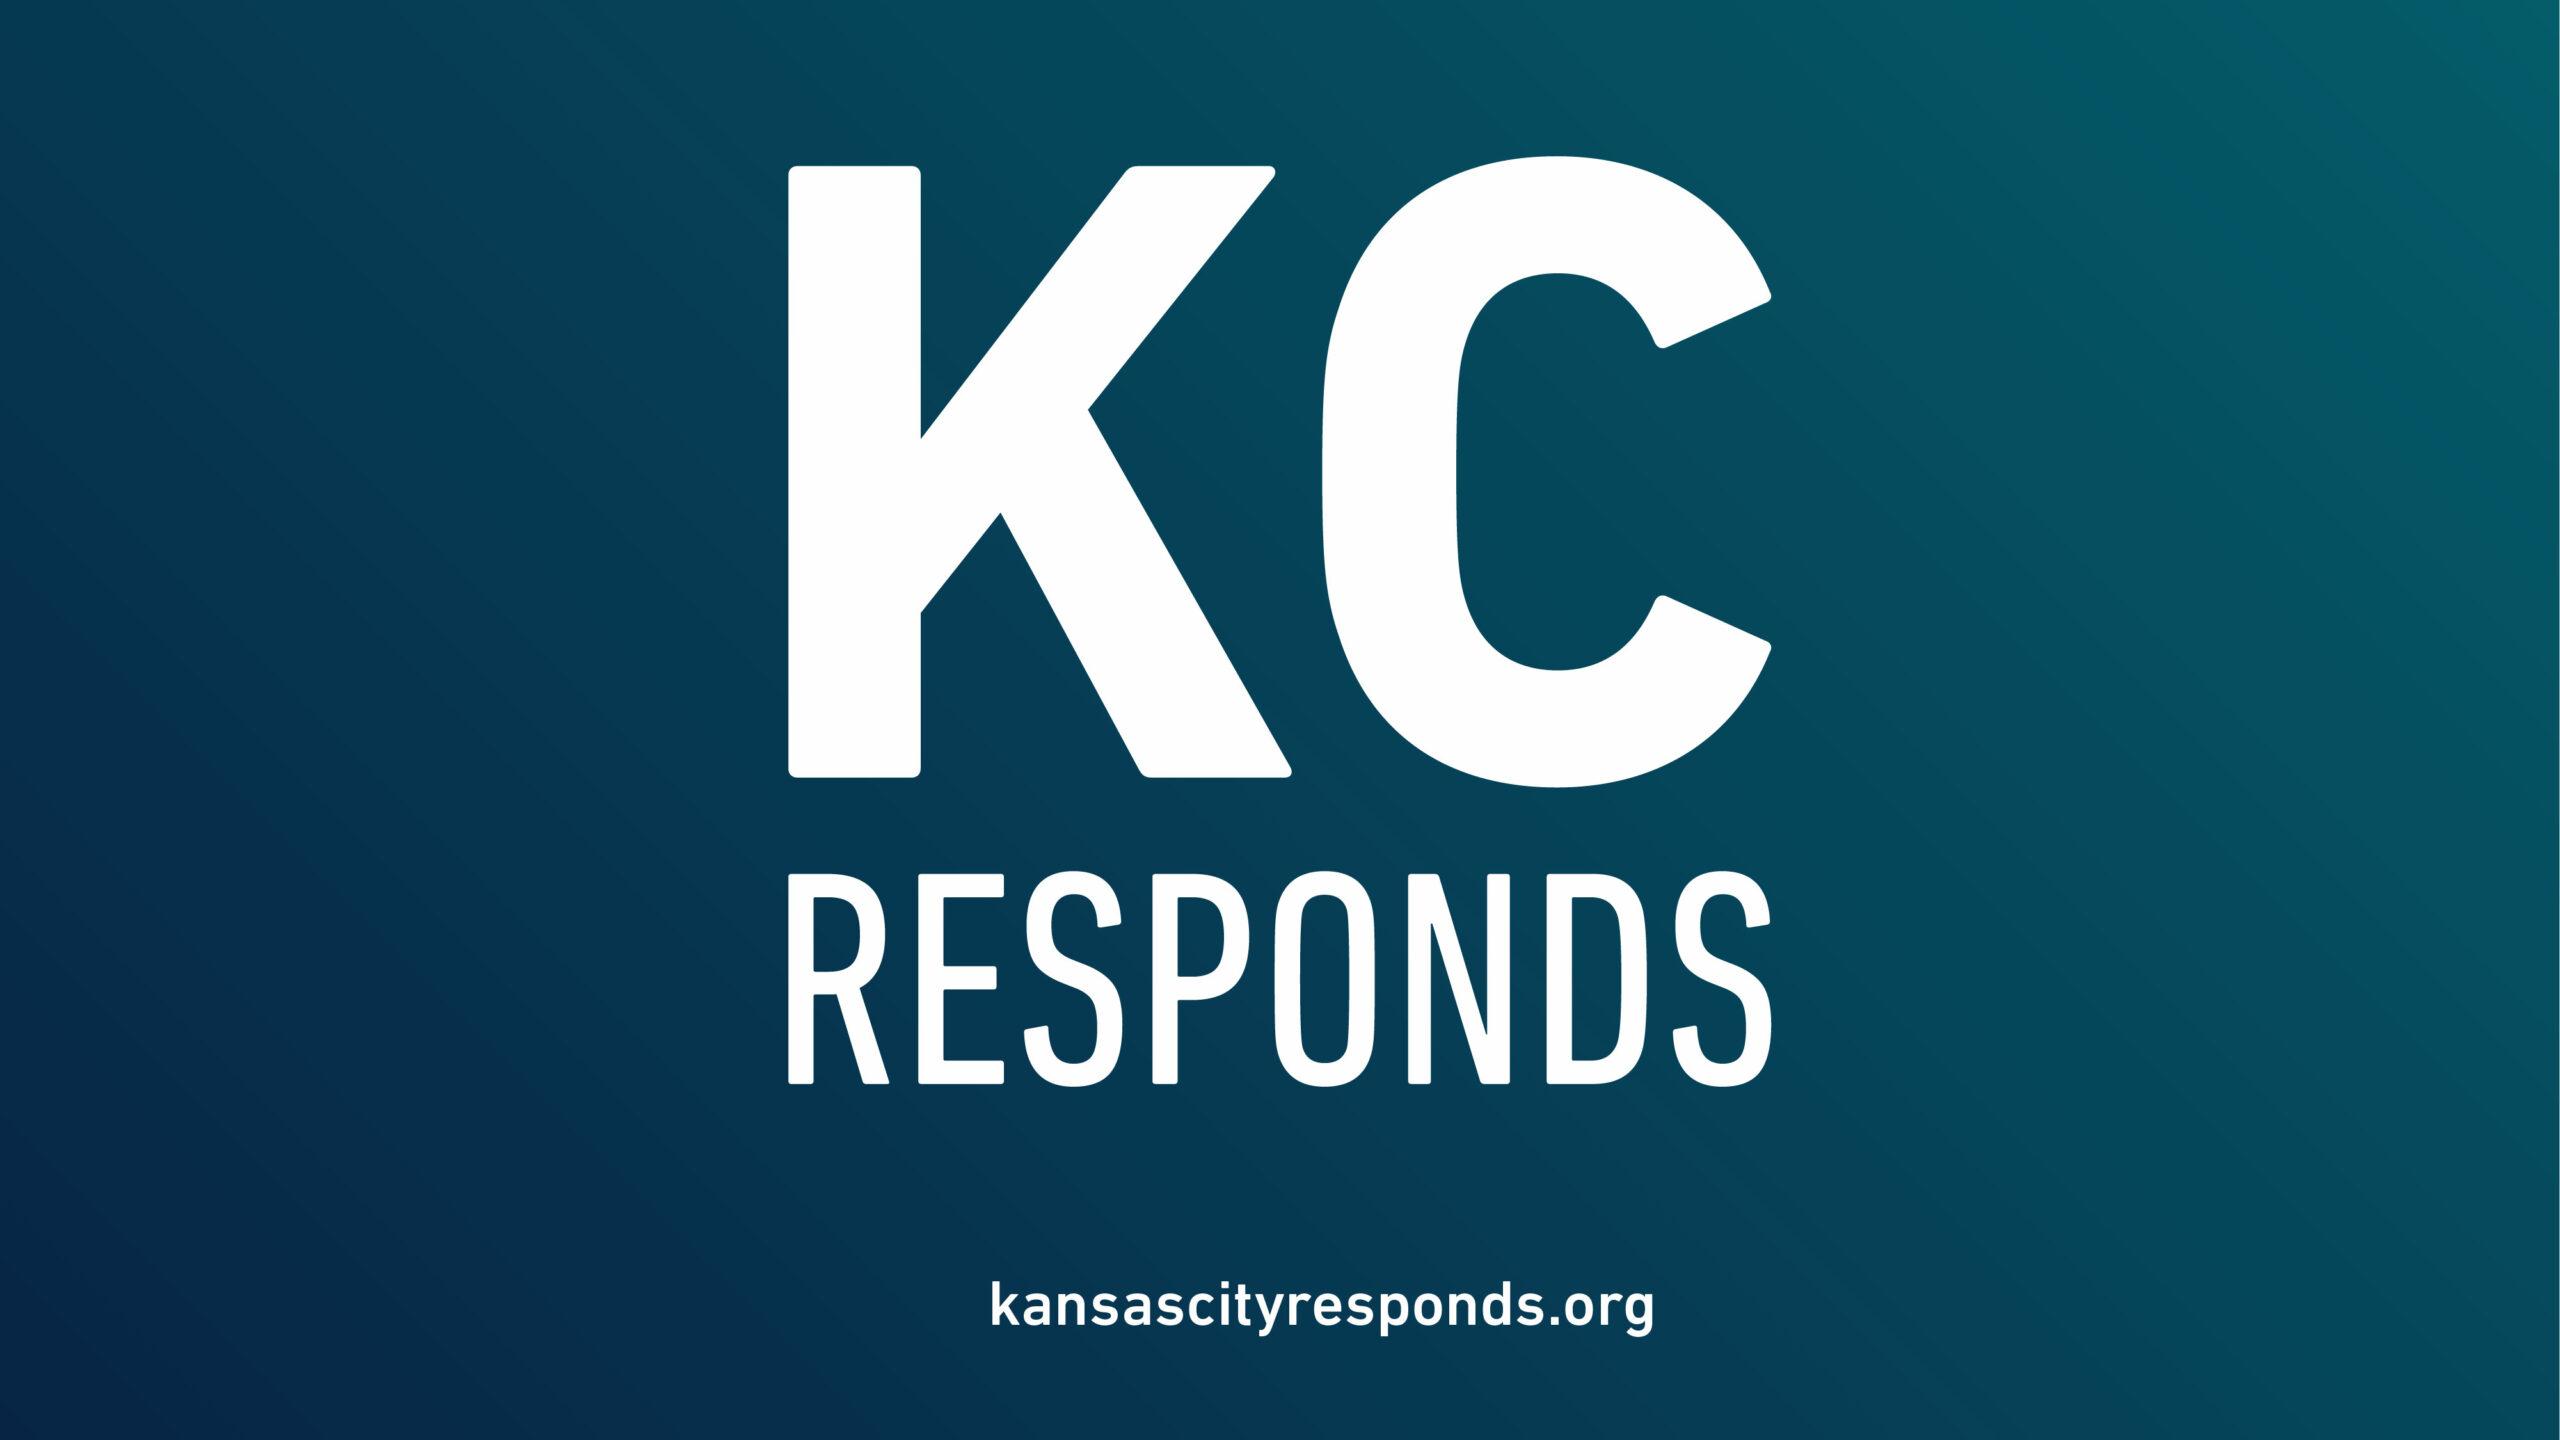 KC Responds